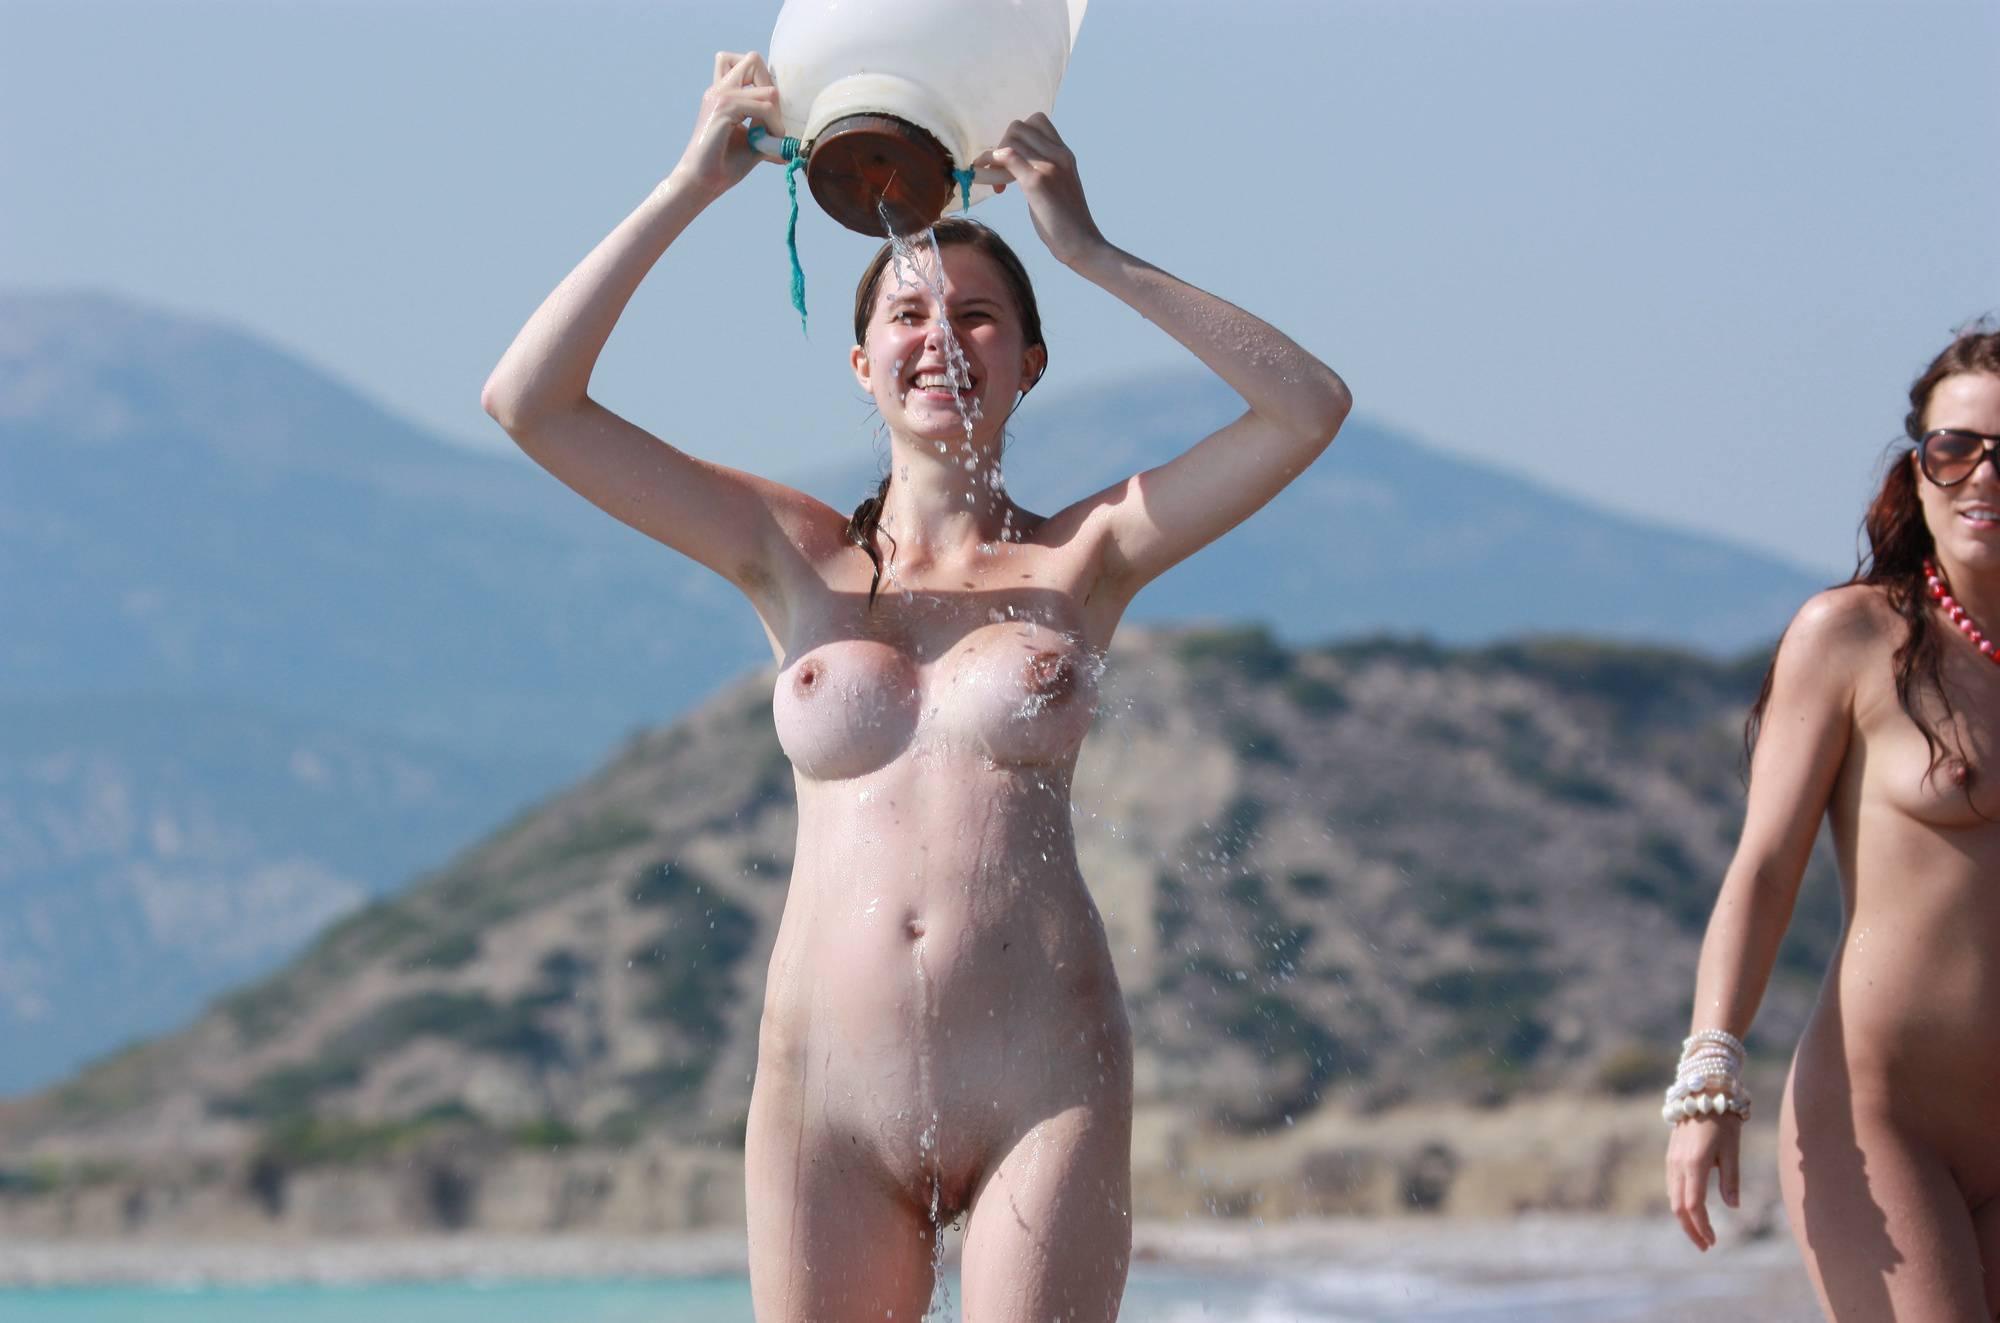 Pure Nudism Images-Greek Water Bucket Fun - 1